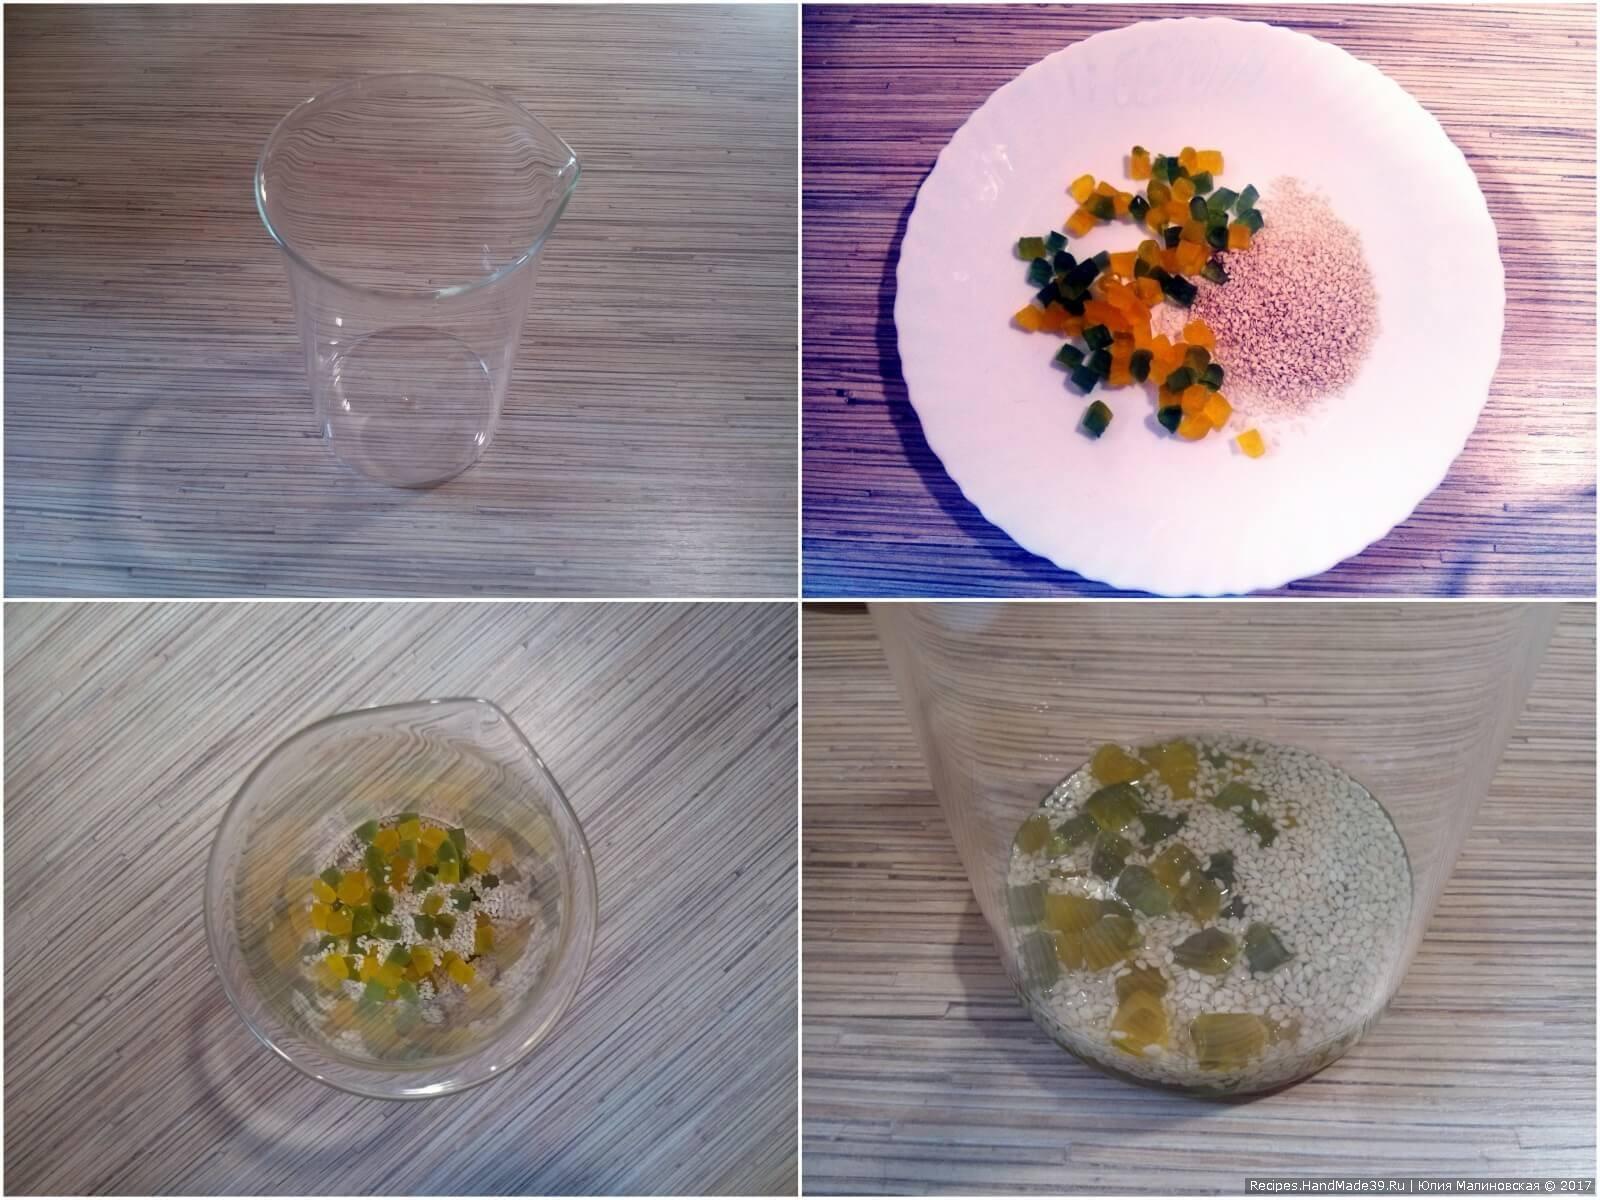 В глубокий стакан на дно выложить желейные кубики и кунжут. Залить желе, чтобы покрыло. Поставить на холод